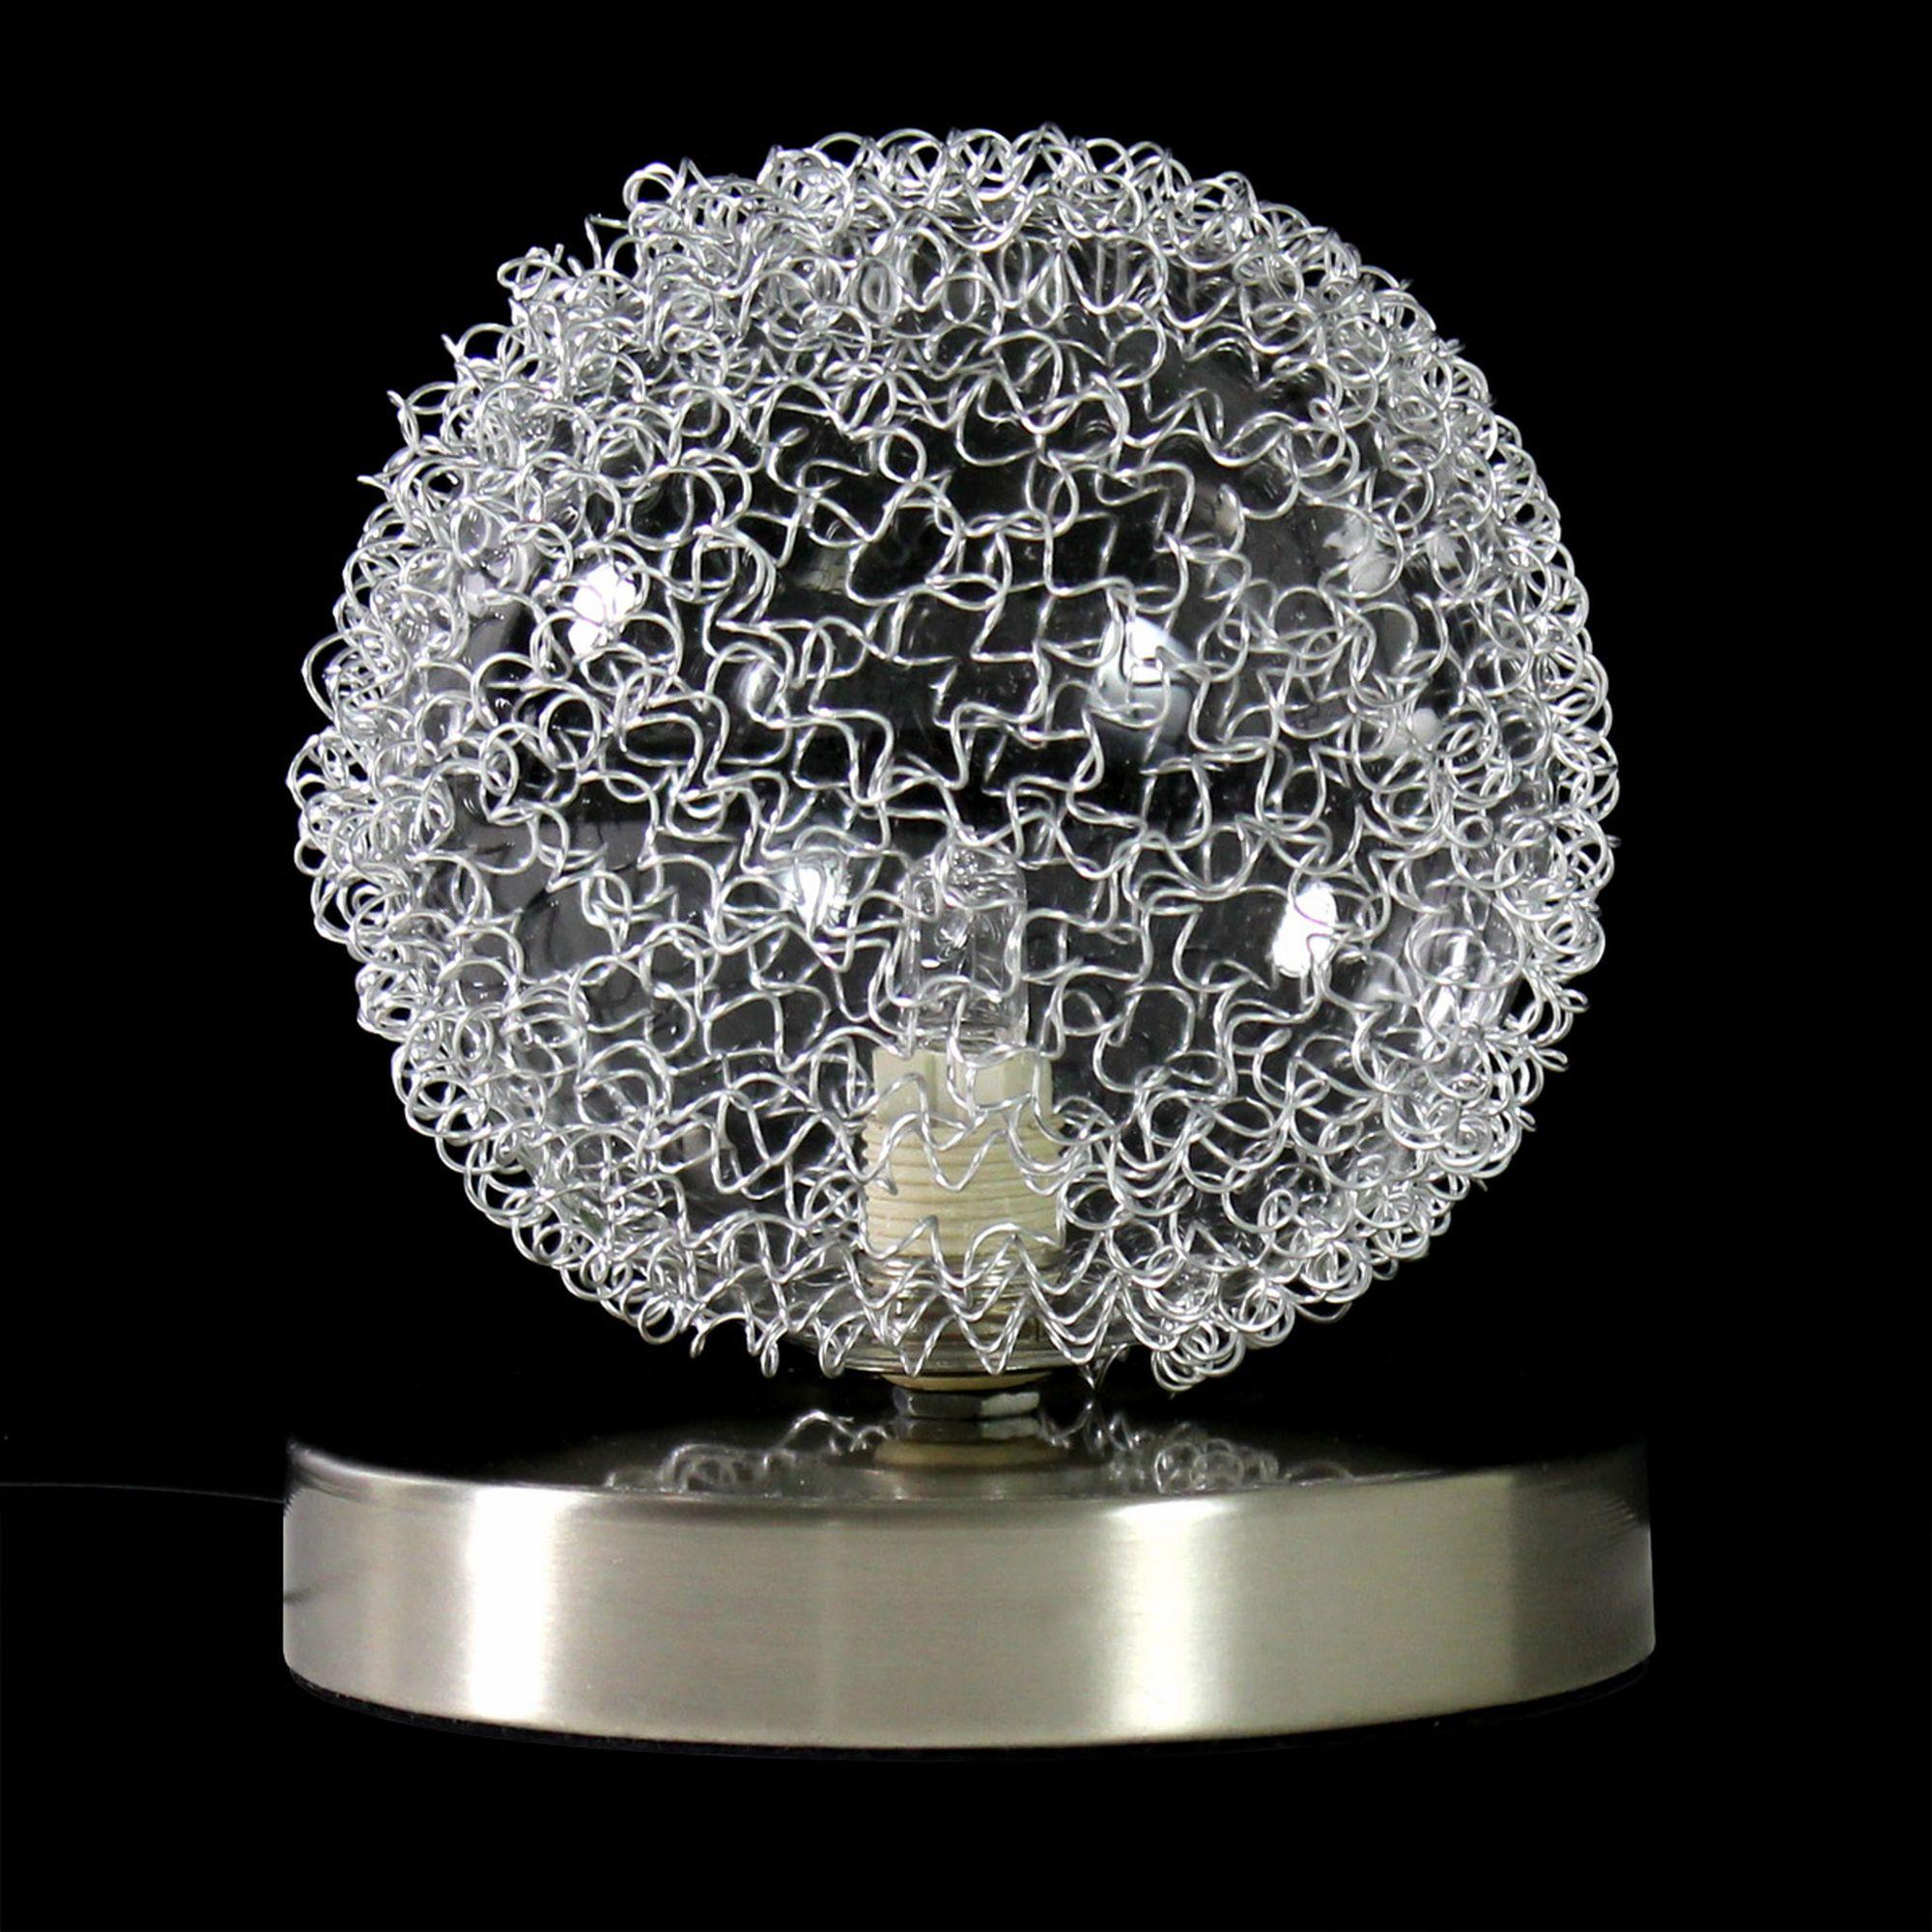 Wohnzimmer Lampe Drahtgeflecht ~ Die neueste Innovation der Innenarchitektur und Möbel